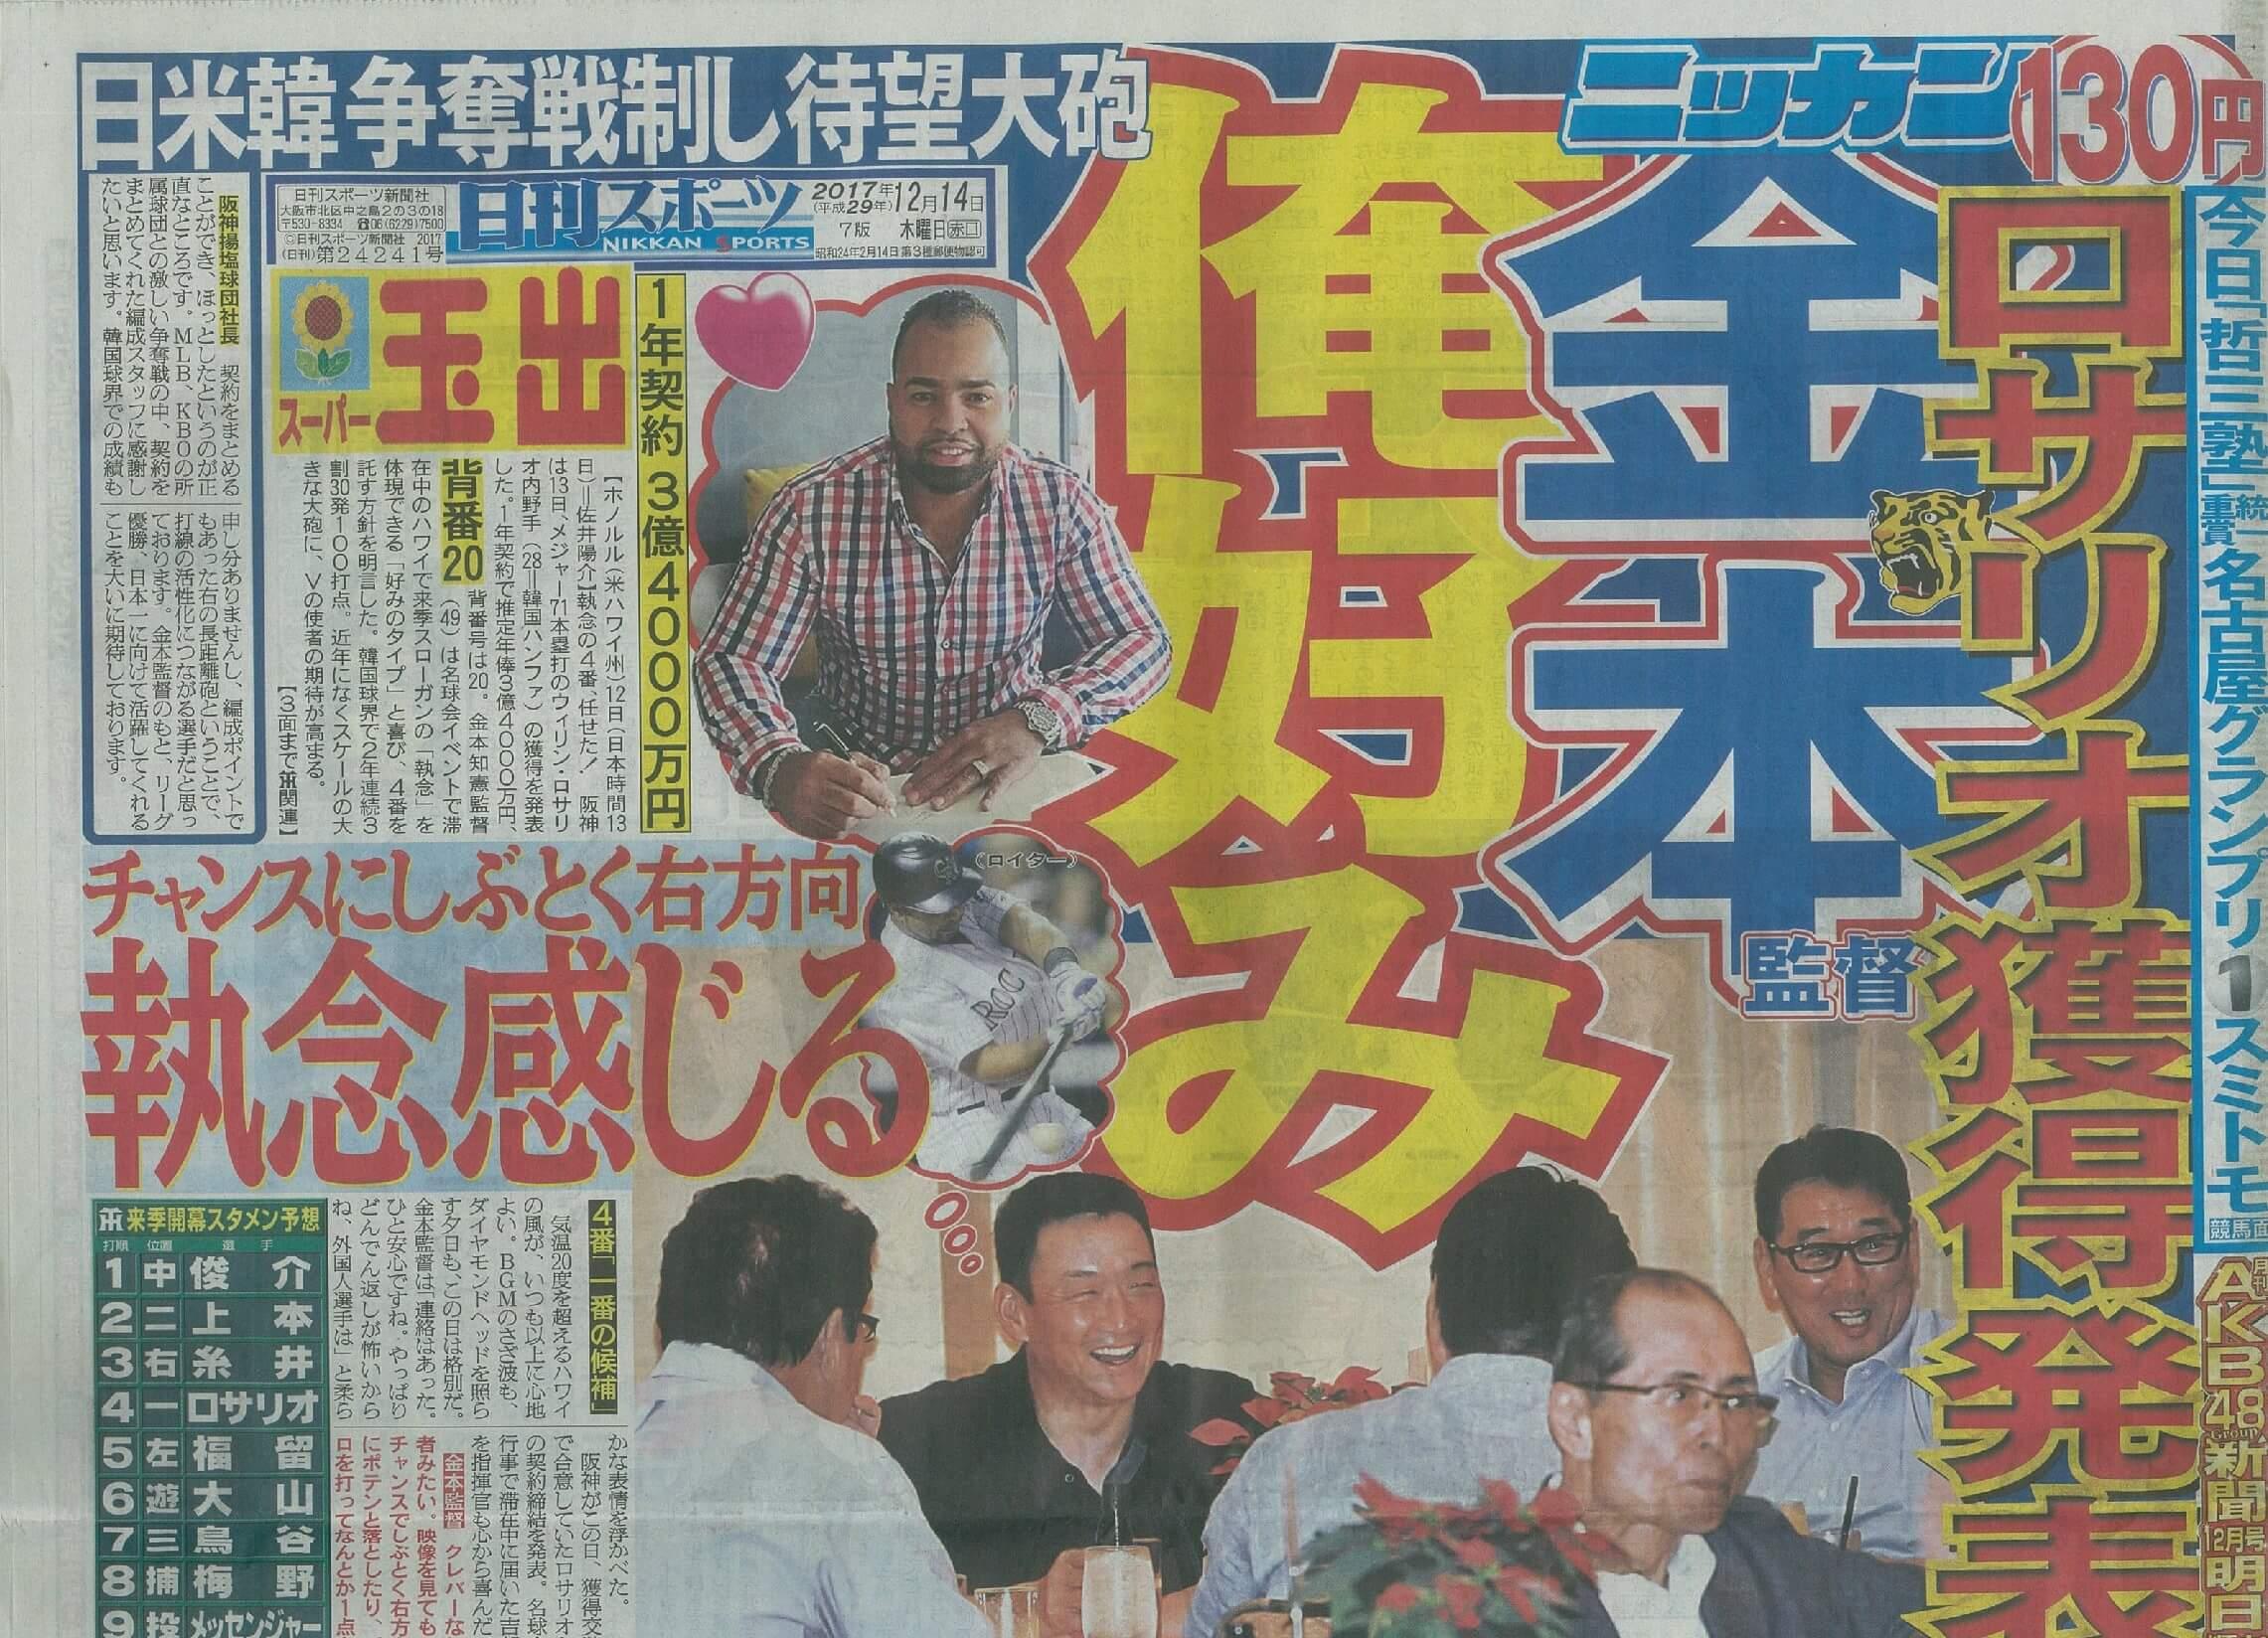 スポーツ 日刊